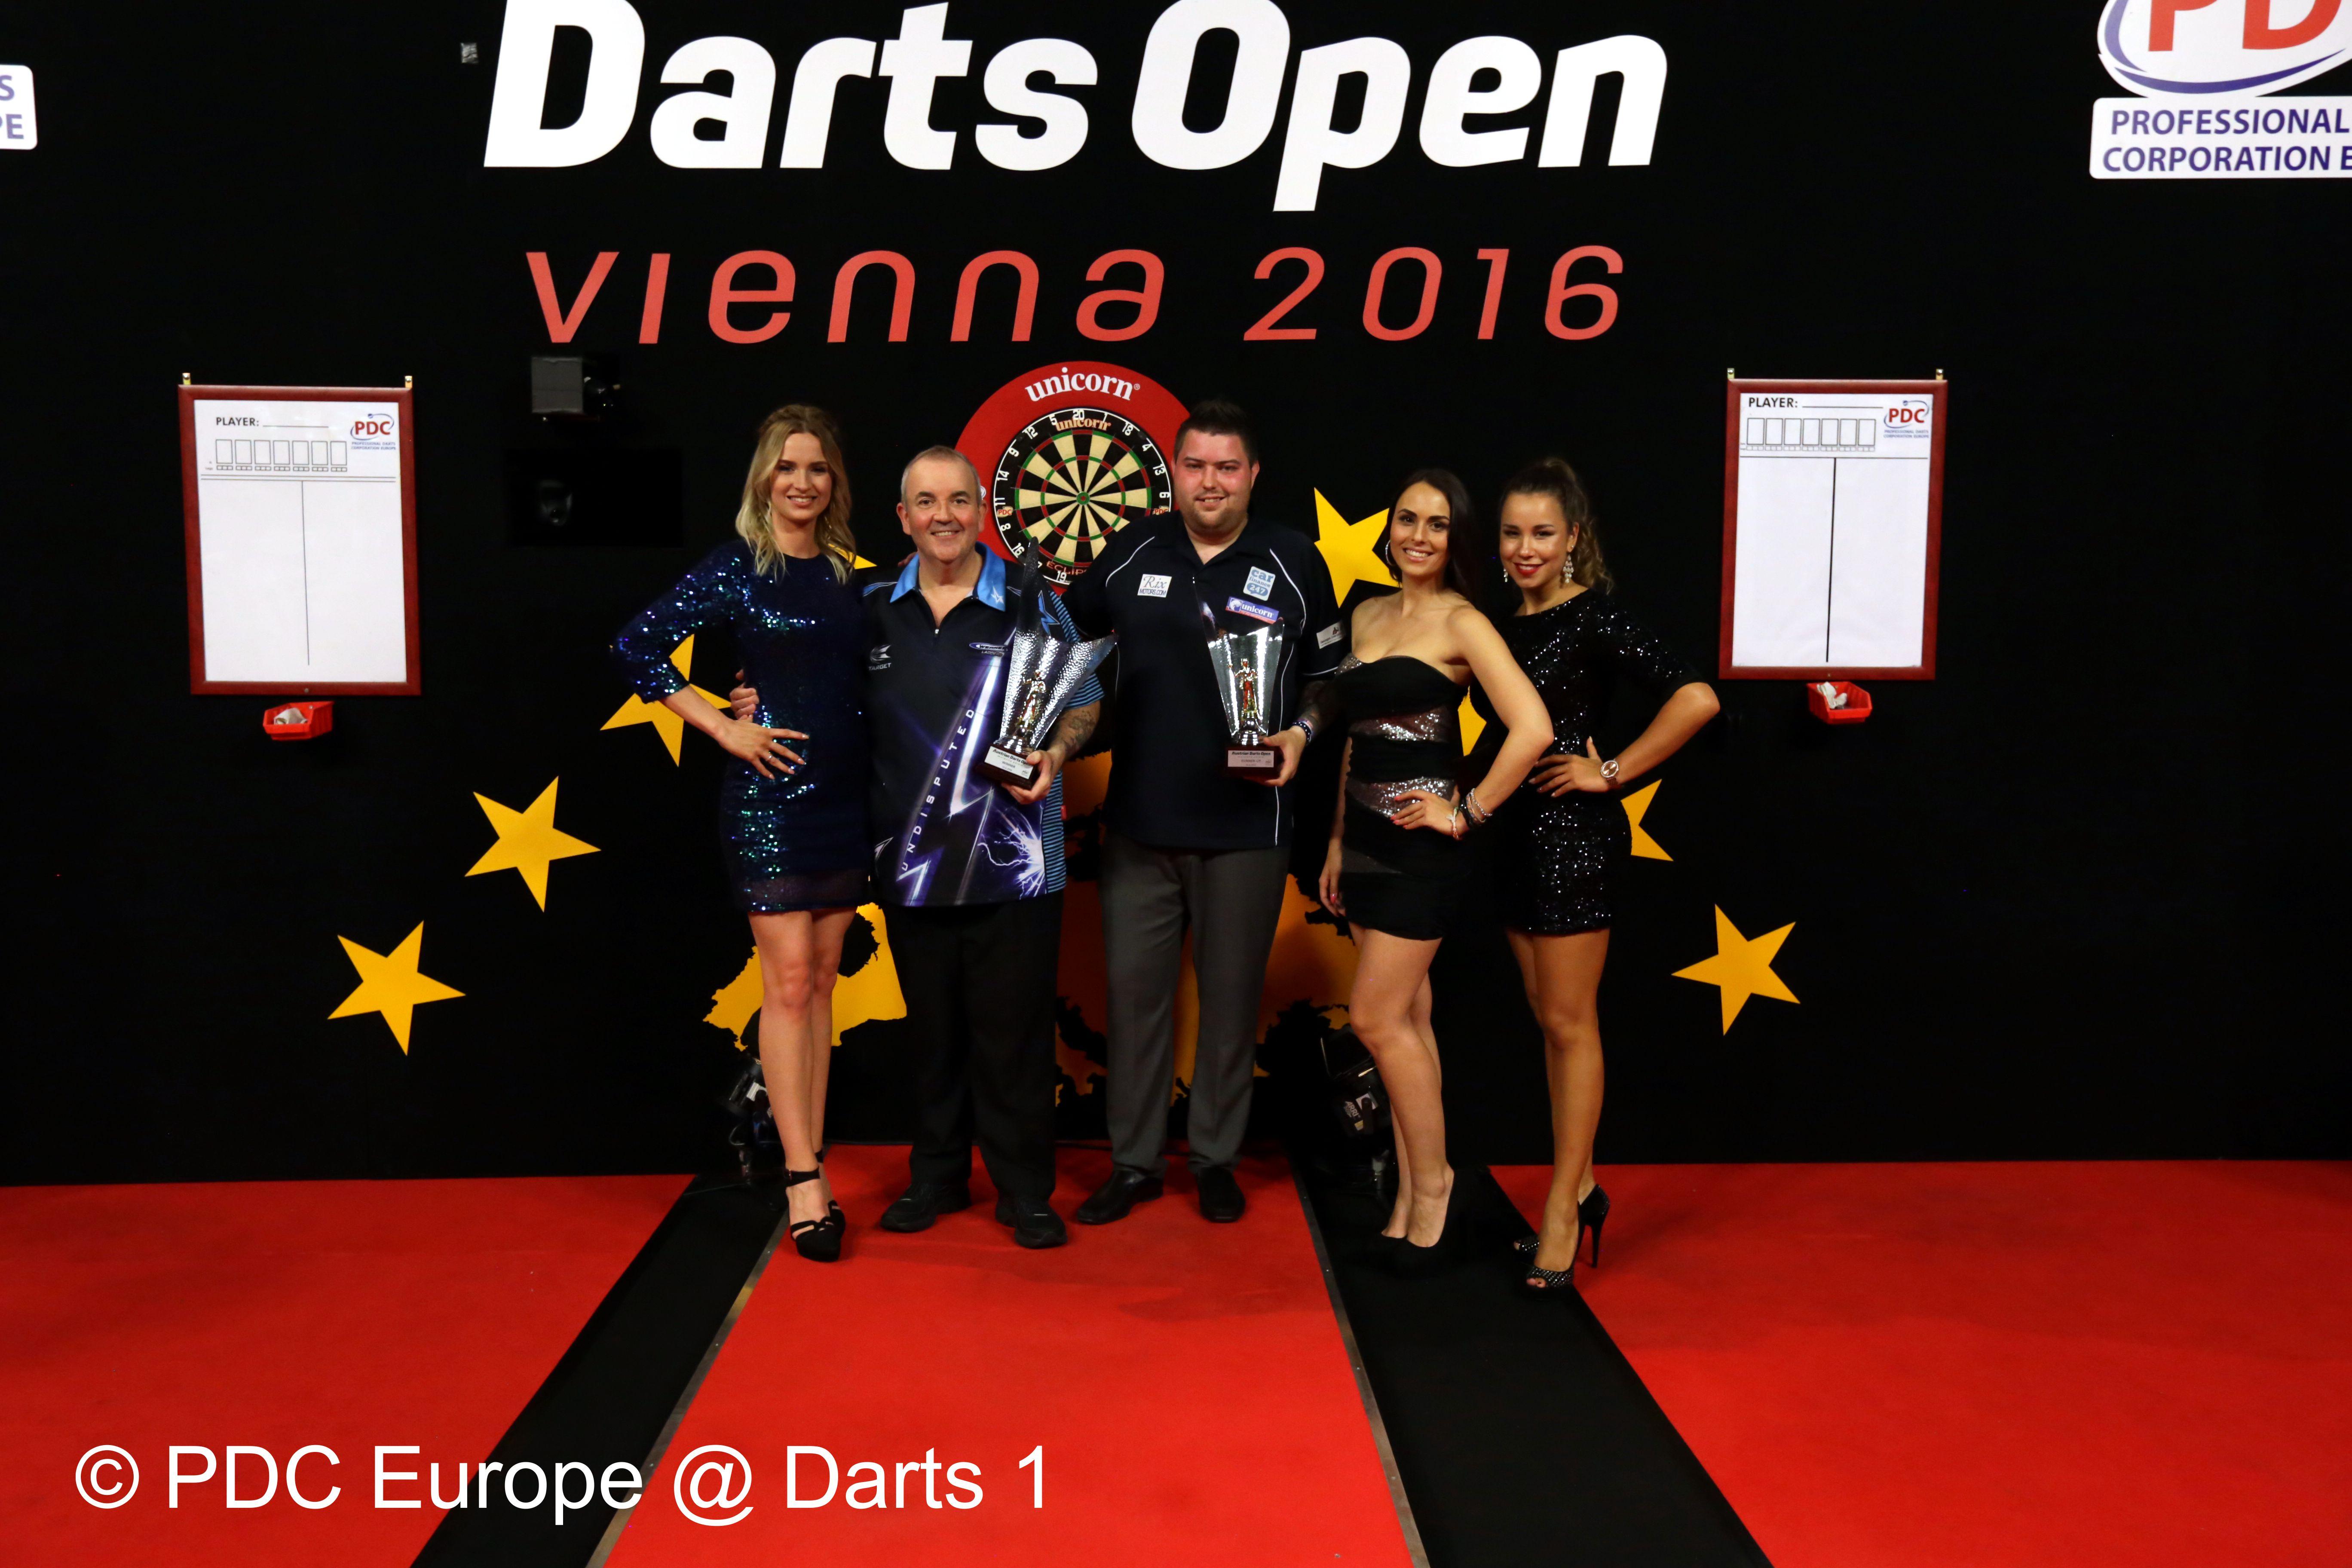 austrian darts open